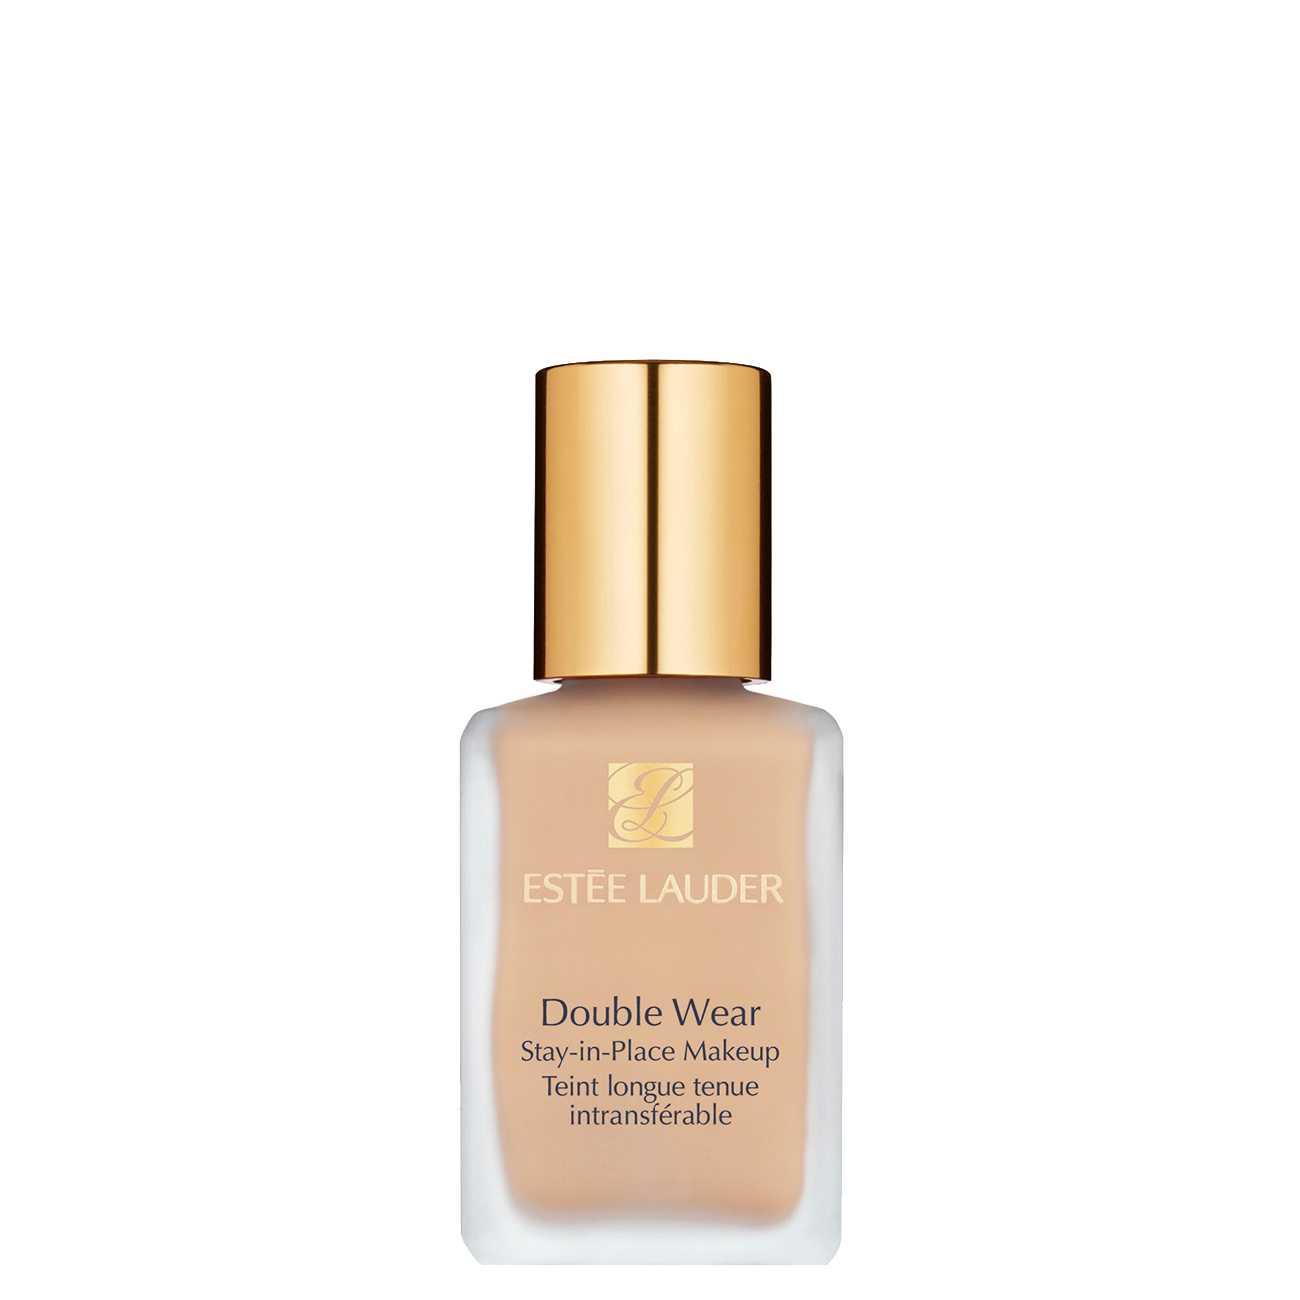 Double Wear Stay-in-place 30 Ml 1w2 Sand-warm/golden Undertone